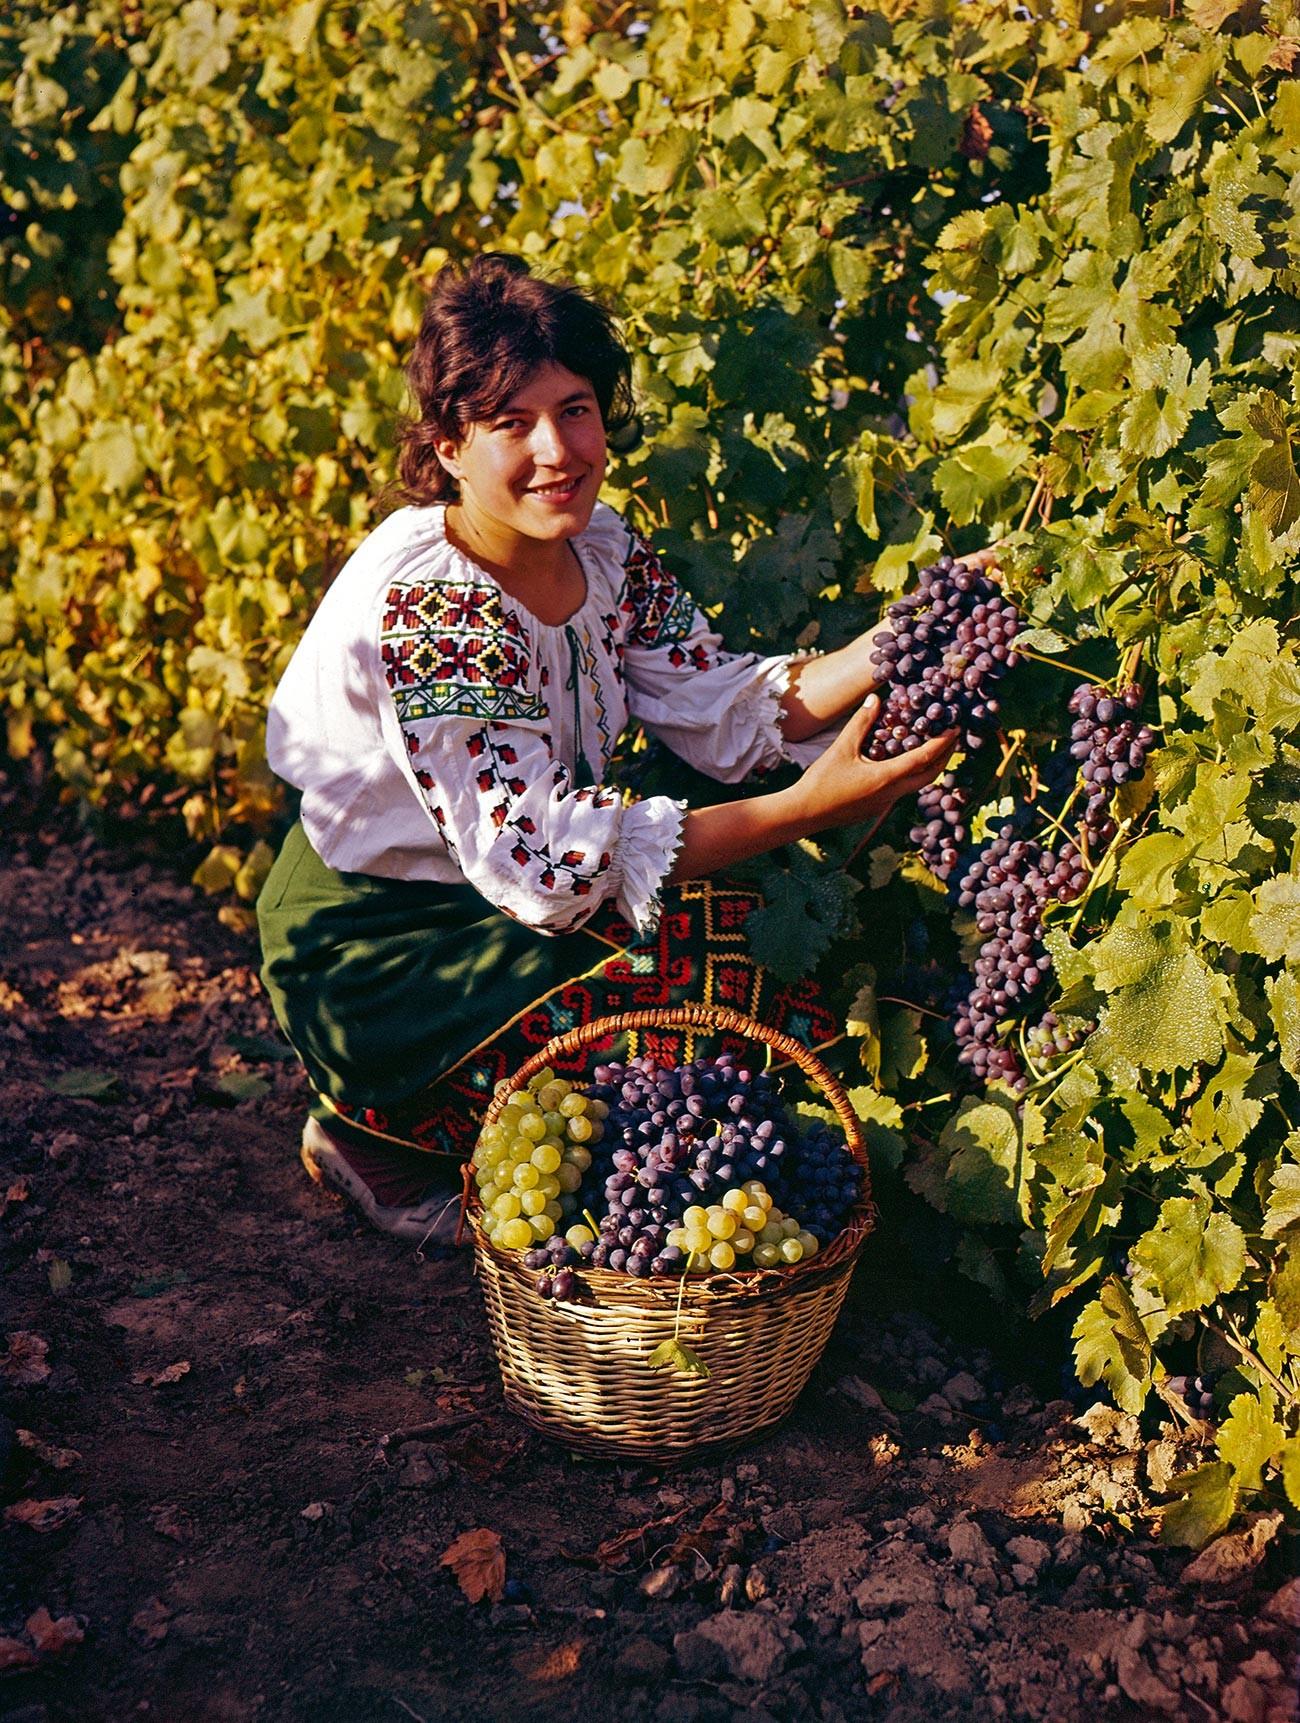 Weinlese in der Moldawischen SSR, 1972